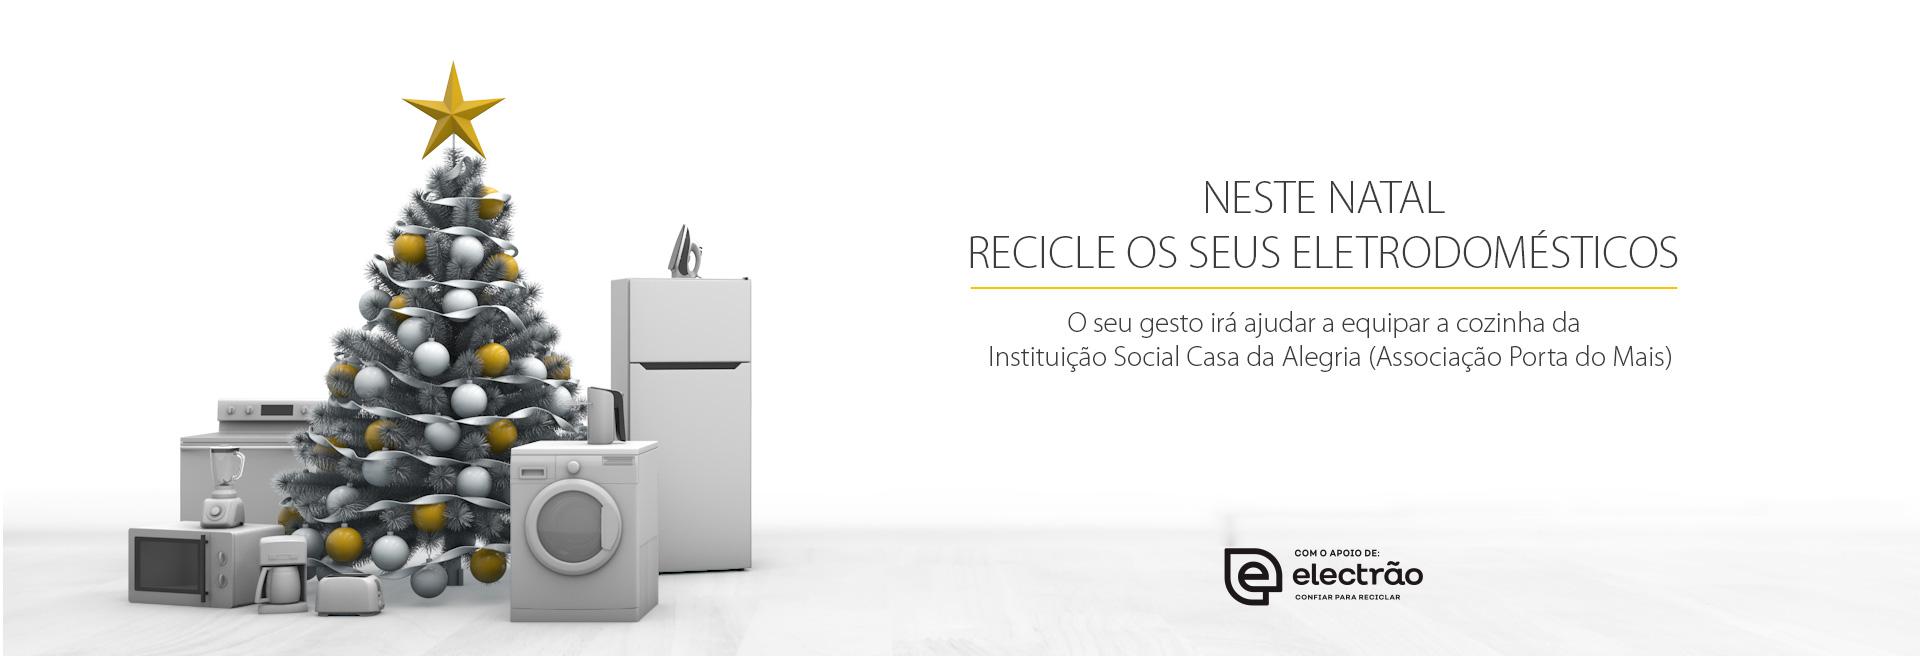 Whirlpool E Electrão Em Campanha De Sensibilização Para A Reciclagem De Equipamentos Eléctricos